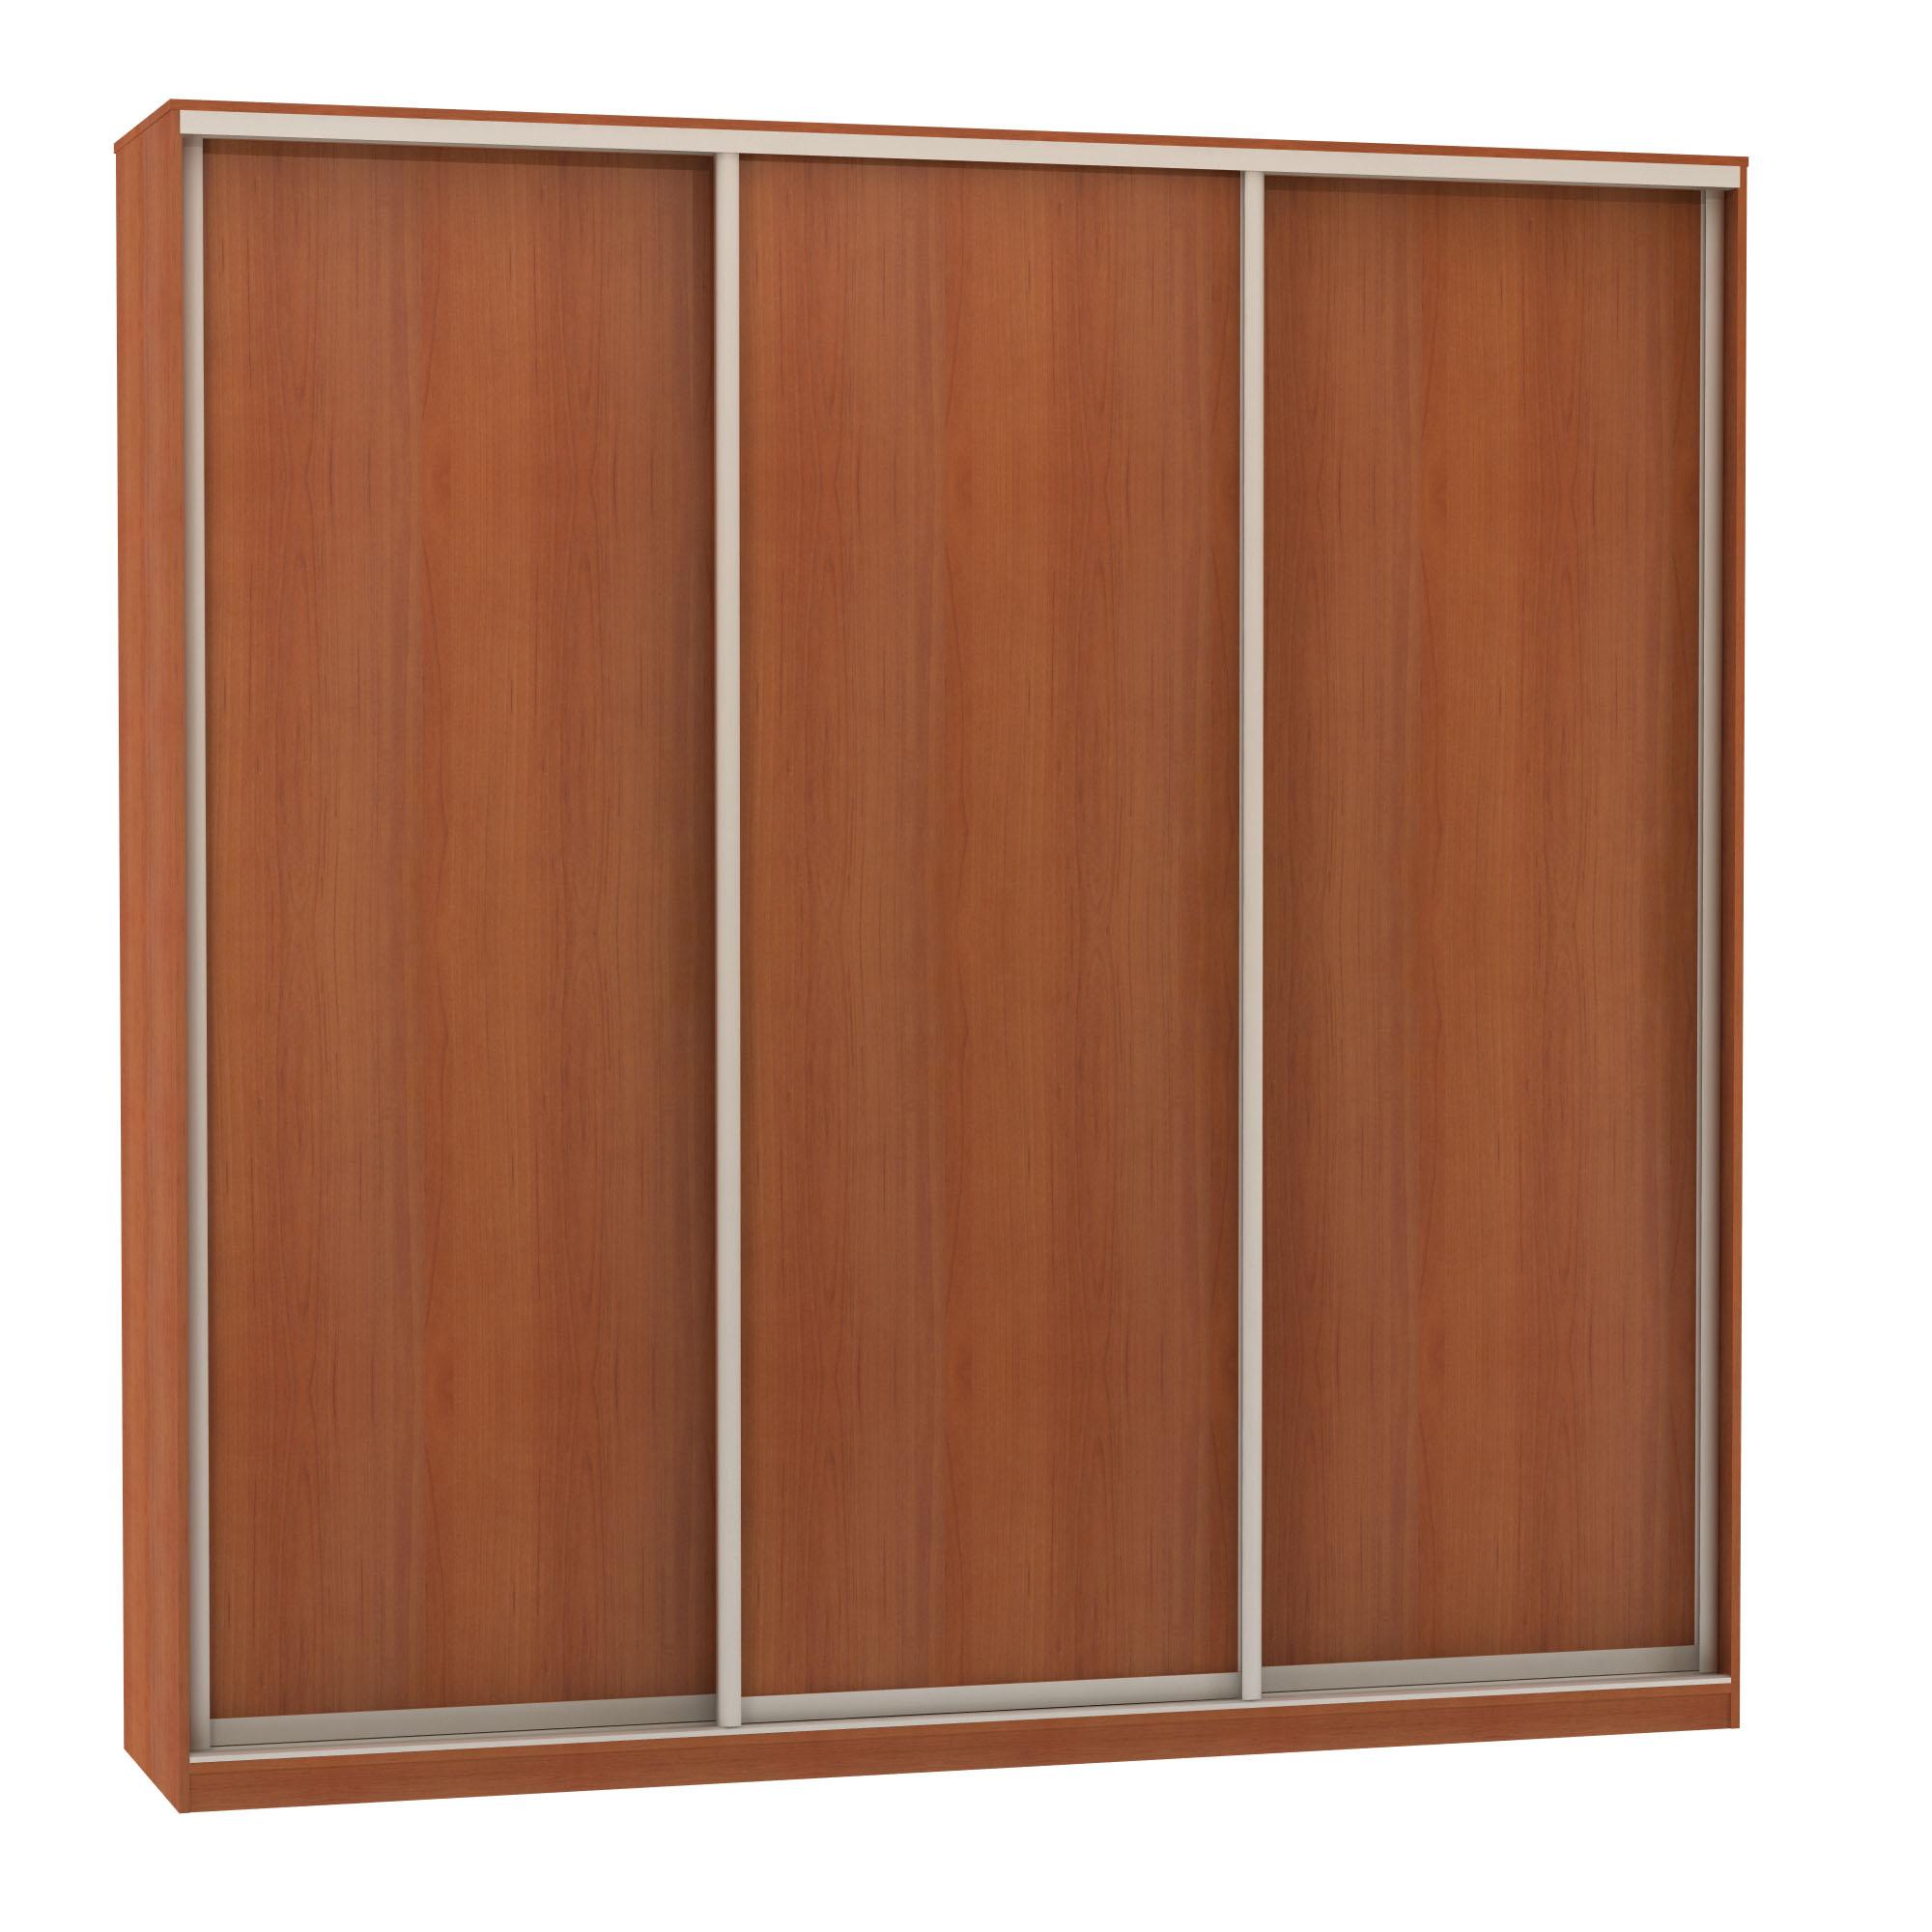 3-х дверный шкаф купе шк-3 20 24 45 01 01 01 купить с гарант.